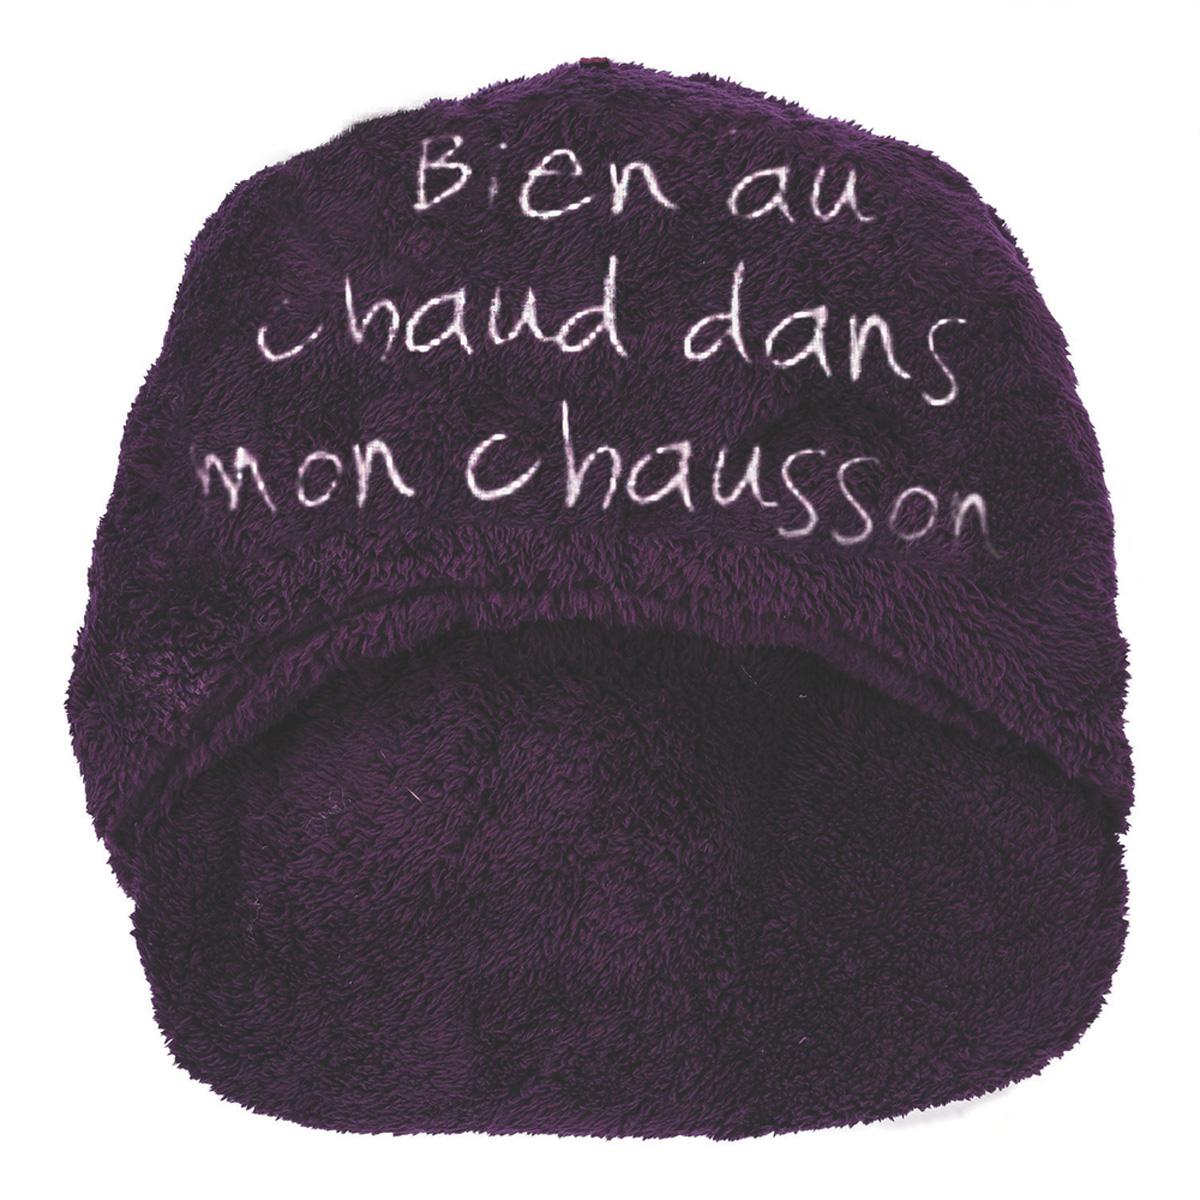 Géant chausson duo \'Bien au chaud dans mon chausson\' violet - [L9006]